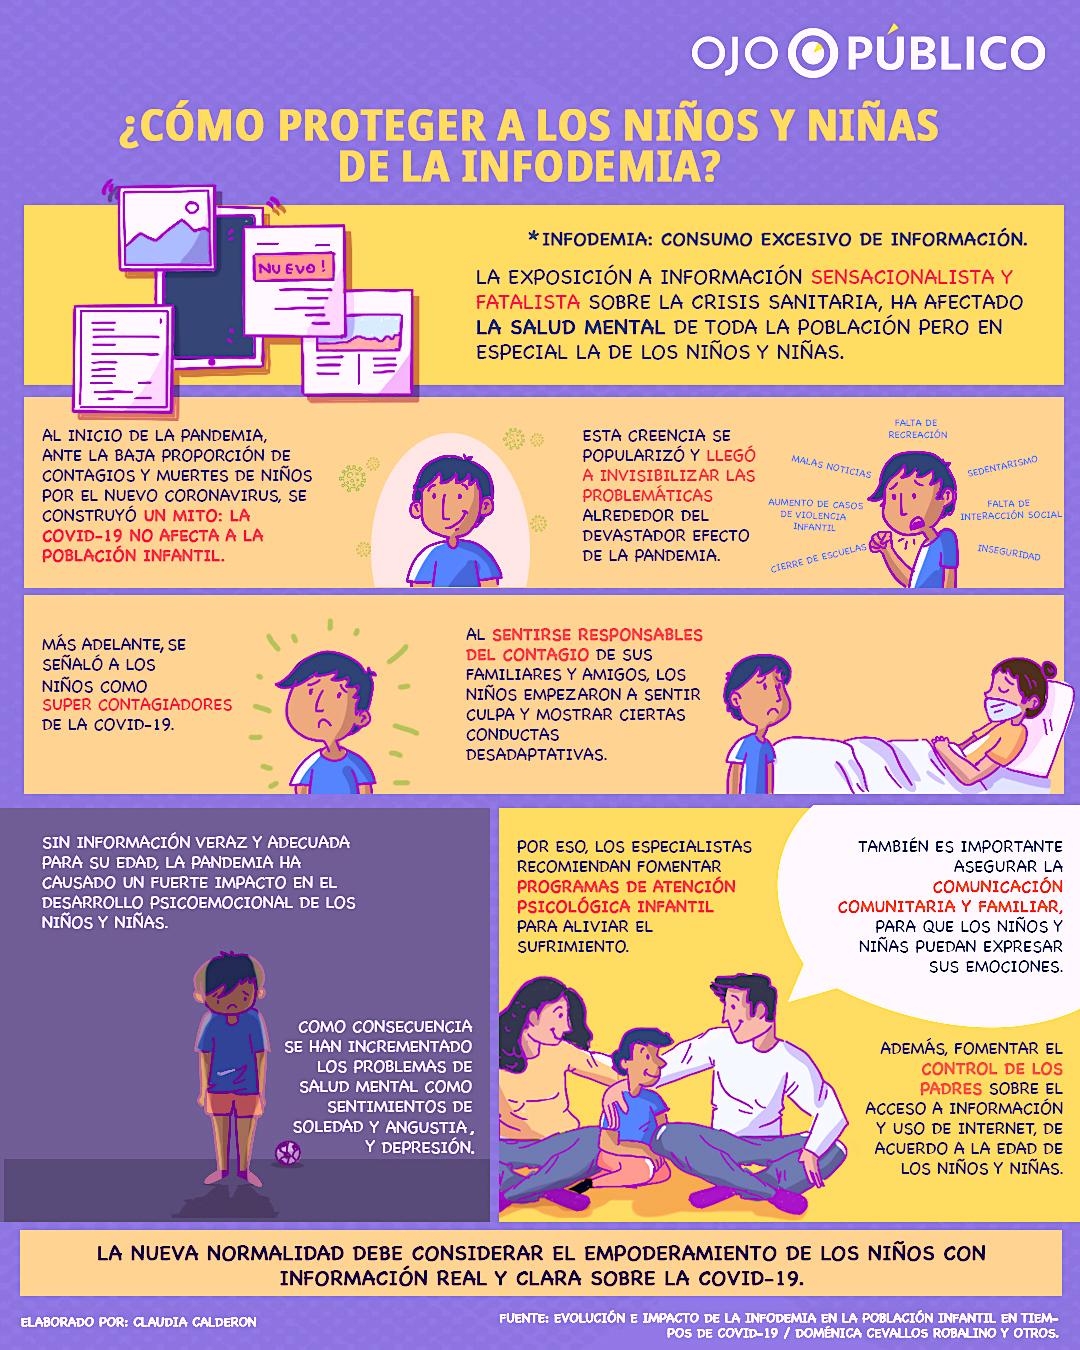 Infografía sobre el impacto de infodemia